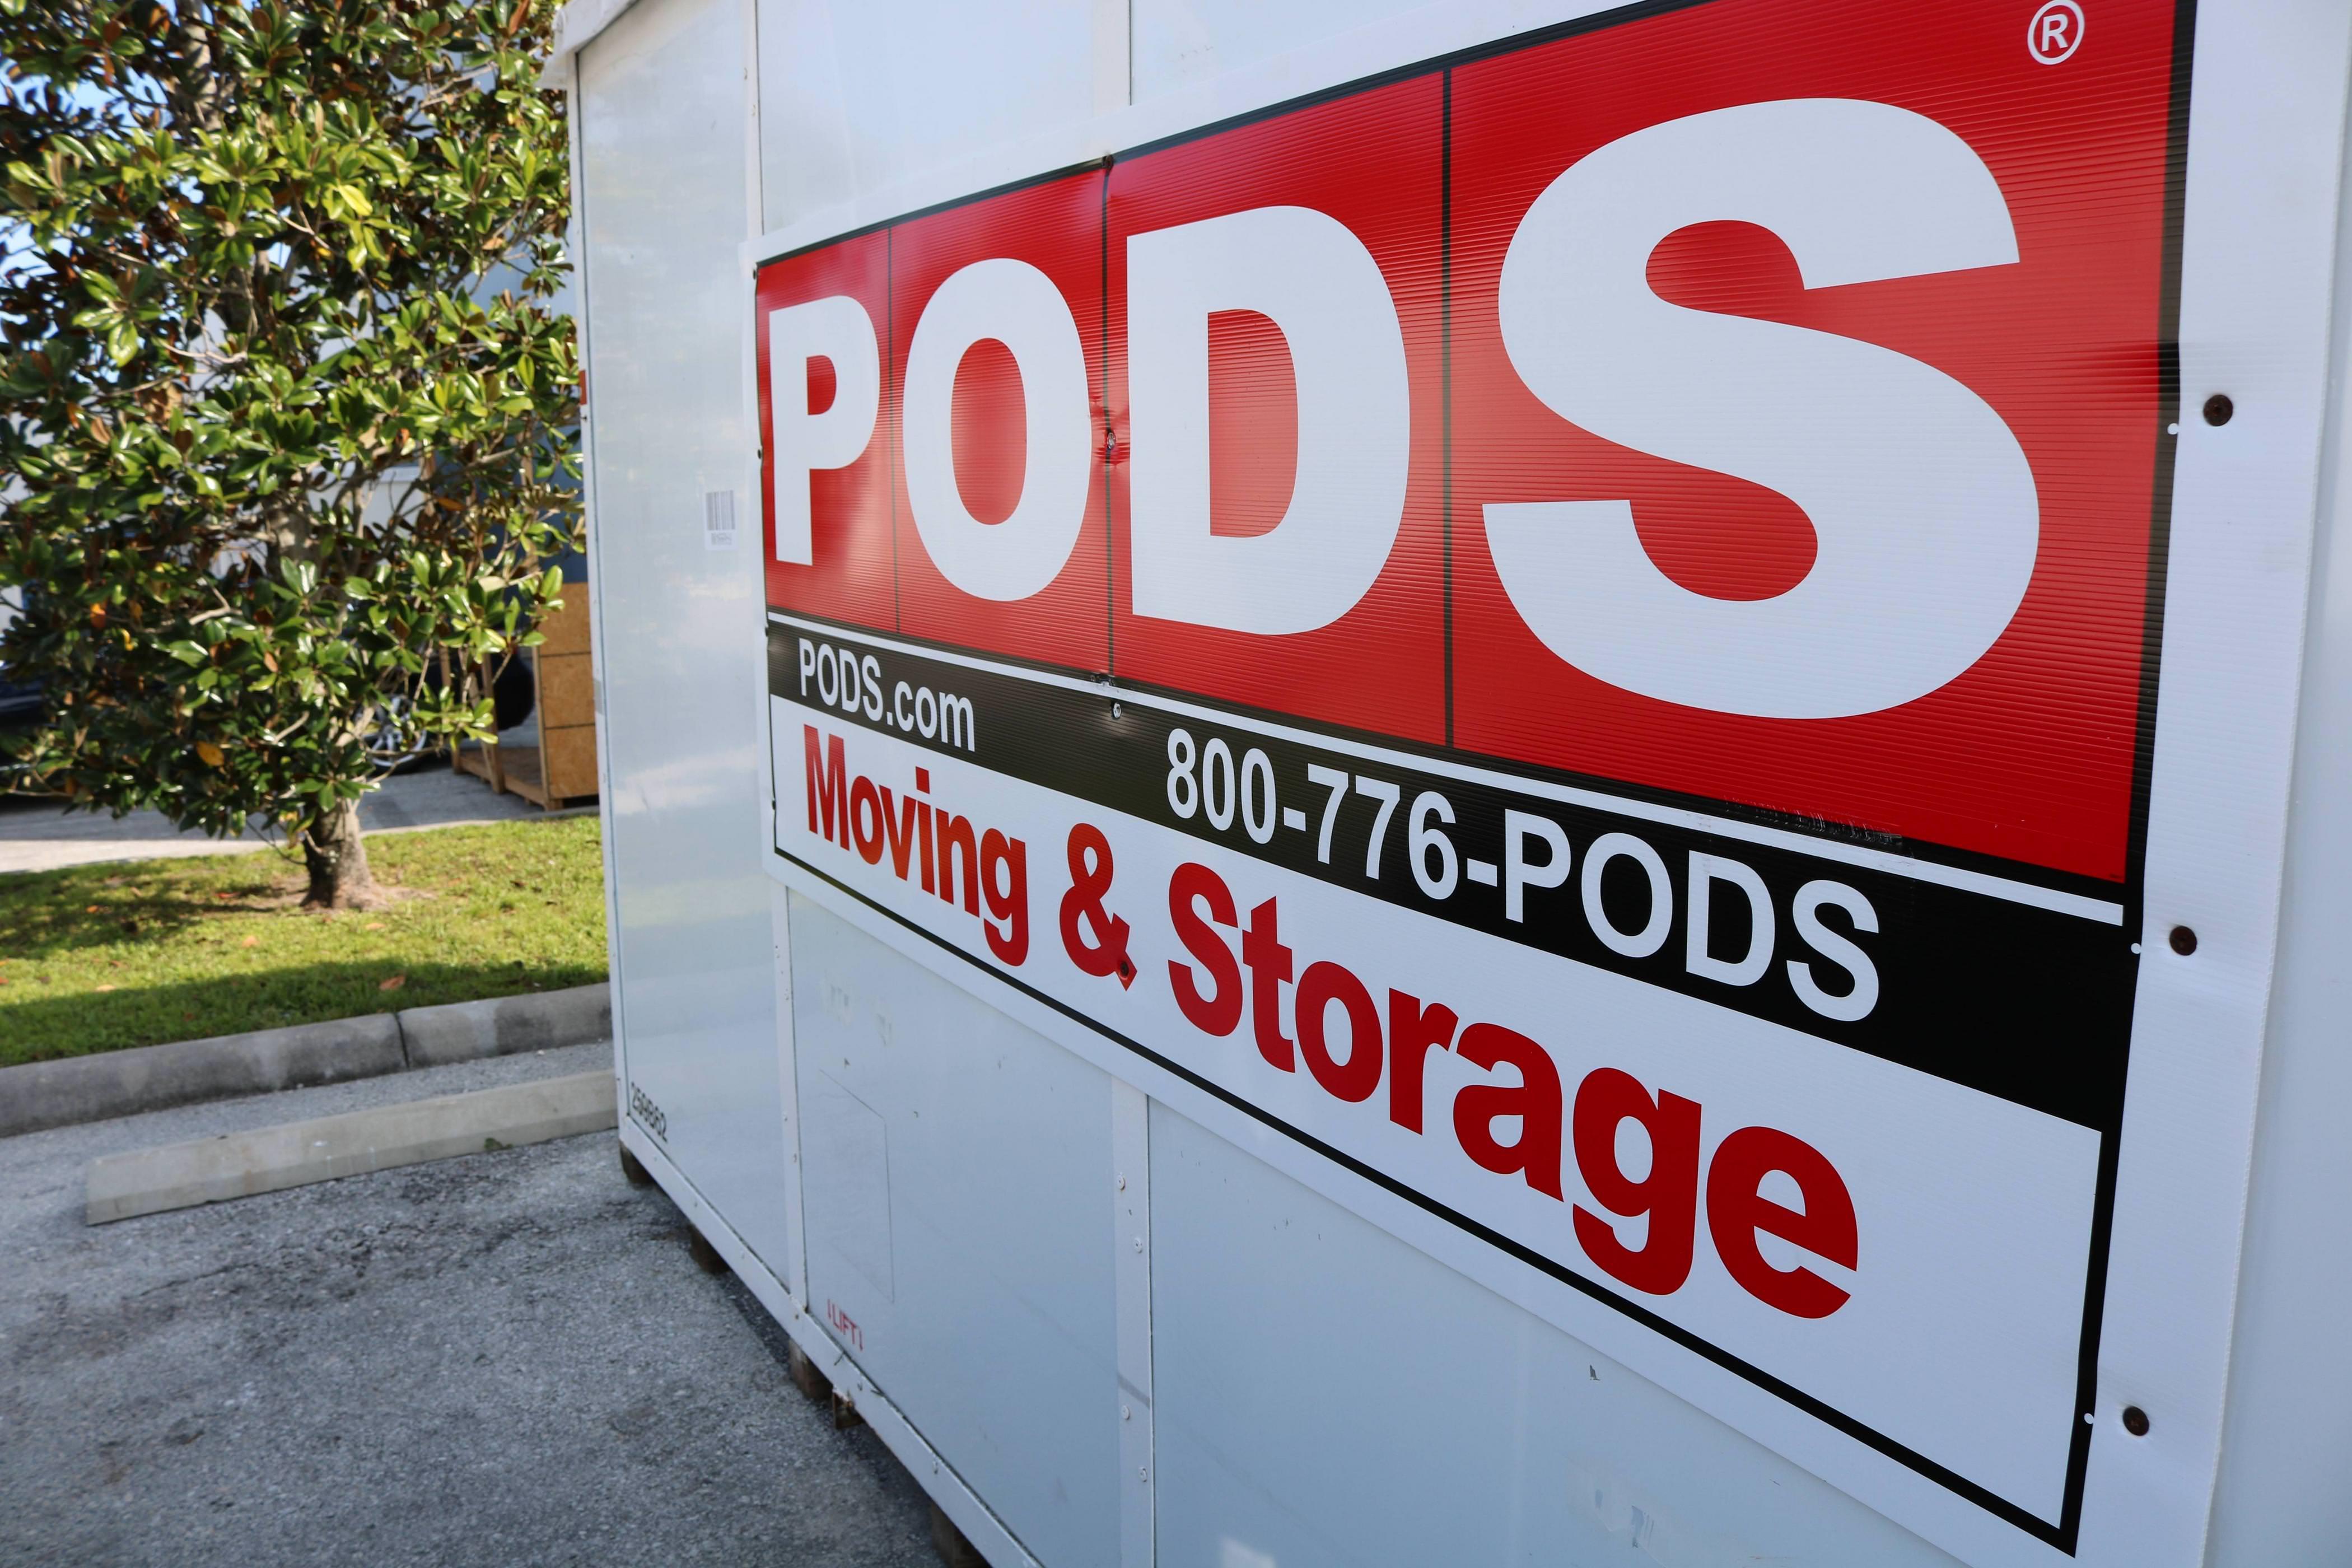 PODS - South Portland, ME